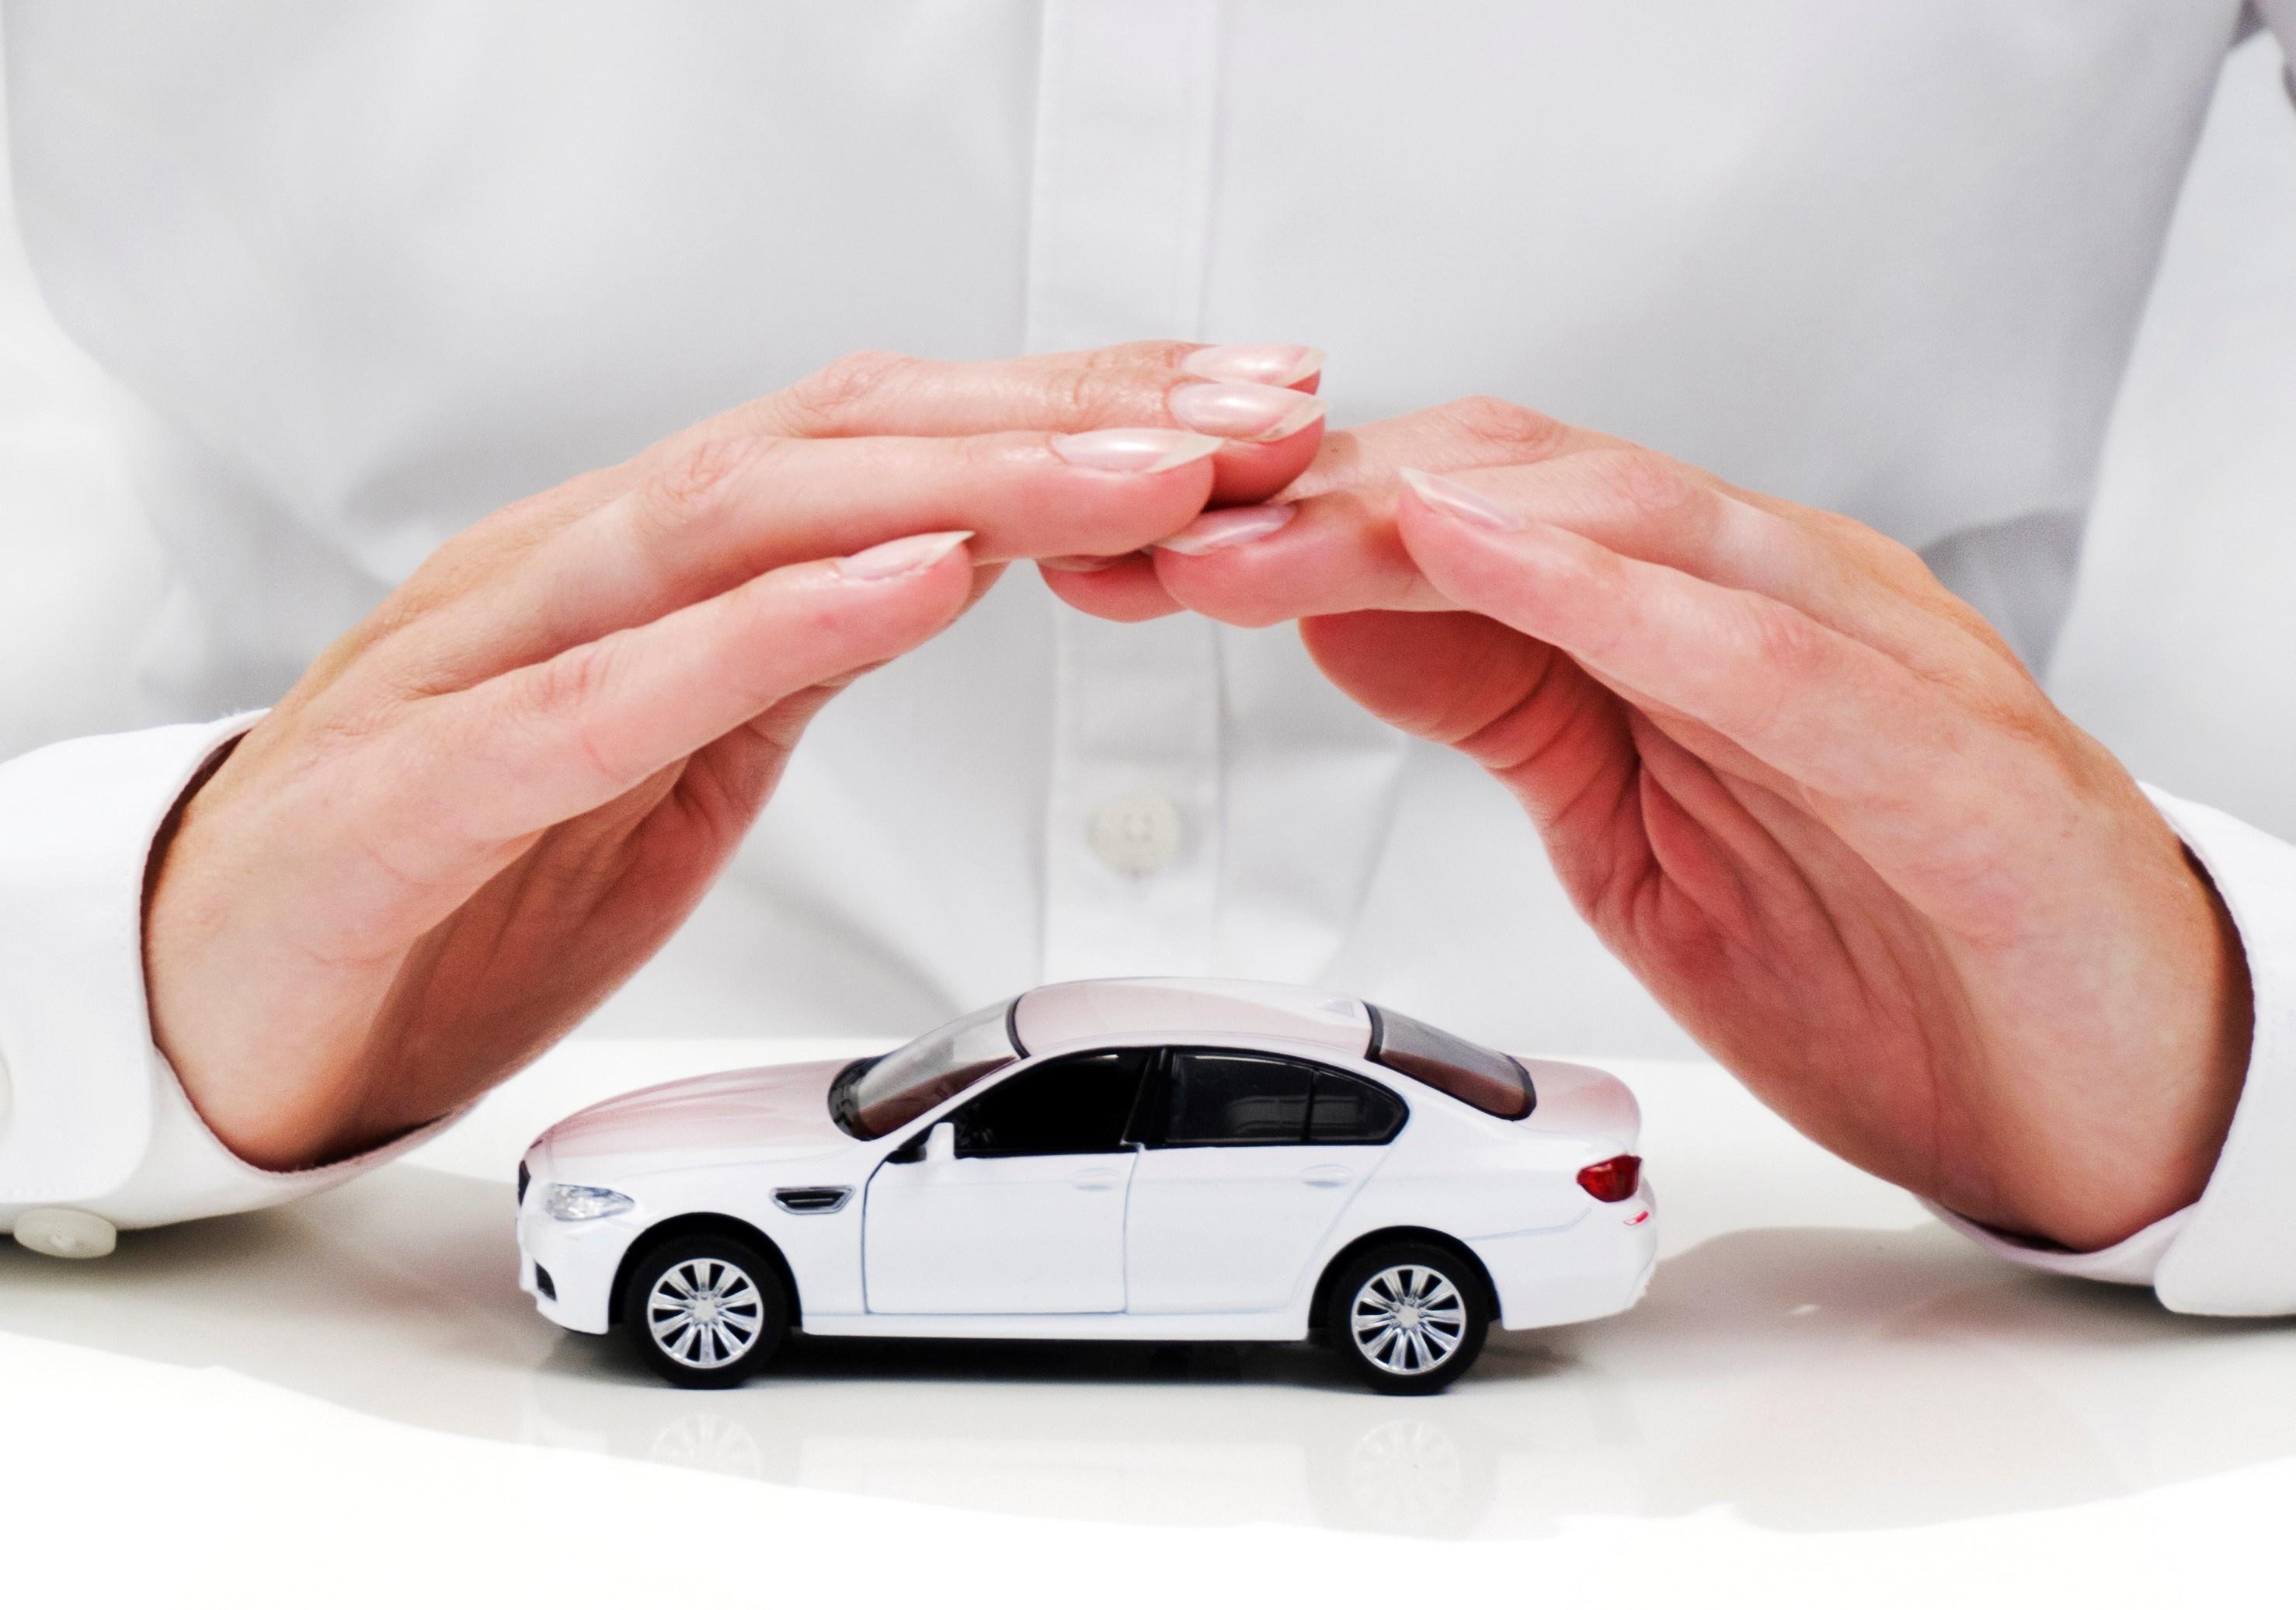 solicitar empréstimo com garantia de veículo